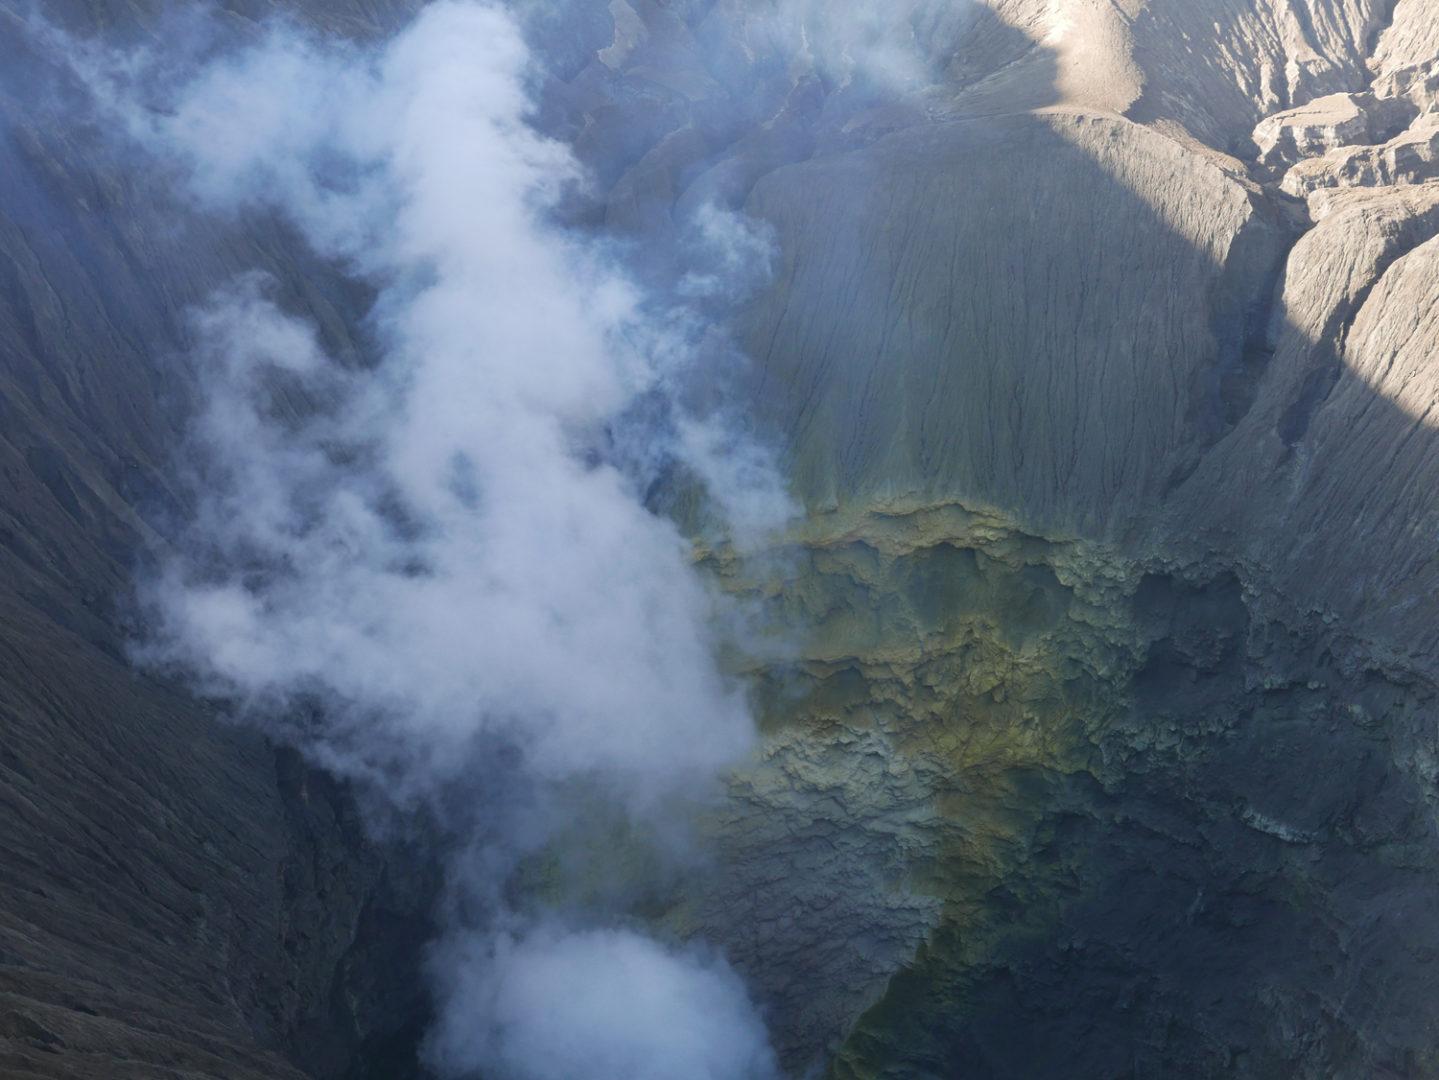 Charlotte Charbonnel, Etude pour Archéologie et éruption des volcans, 2017. Photographie couleur de l'intérieur du cratère du Mont Bromo Java (Indonésie), (c) Charlotte Charbonnel